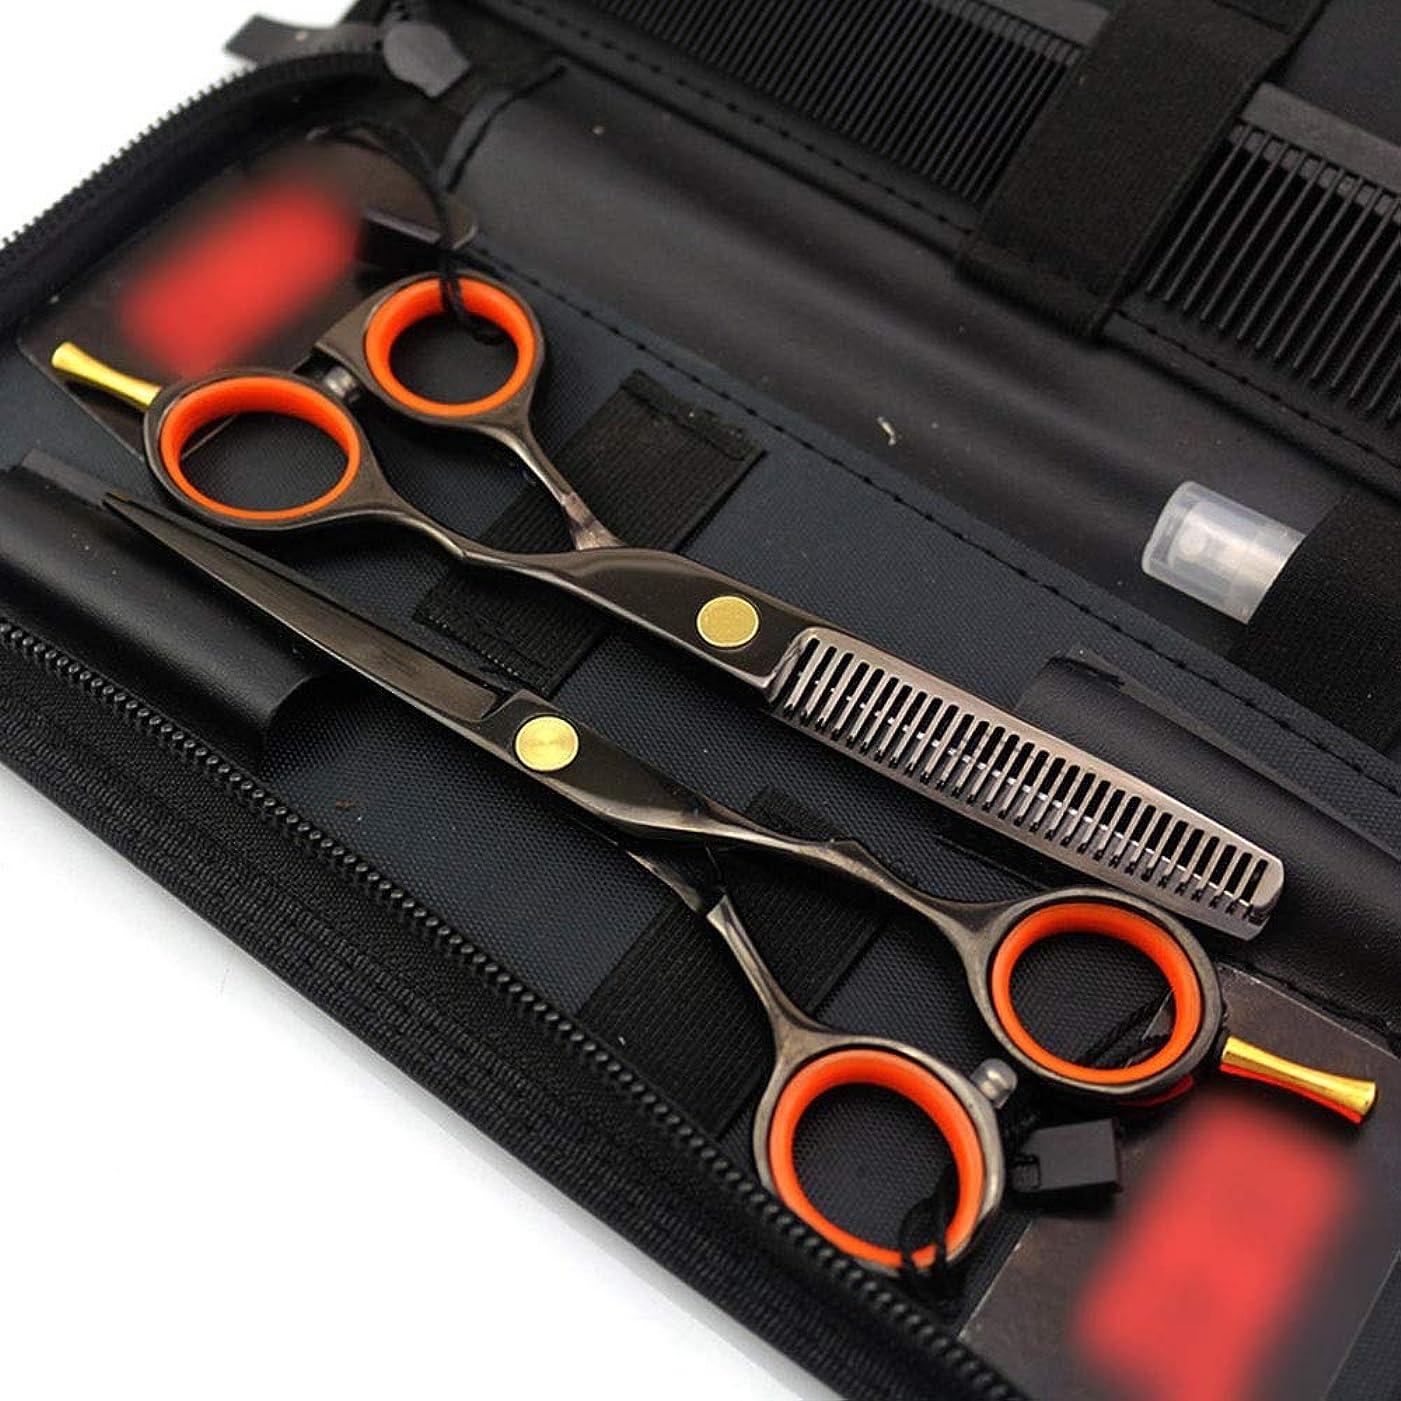 傾向がある暴動割る理髪用はさみ 5.5インチシングルテール理髪はさみセット、電気メッキ黒理髪はさみセットヘアカットはさみステンレス理髪はさみ (色 : 黒)